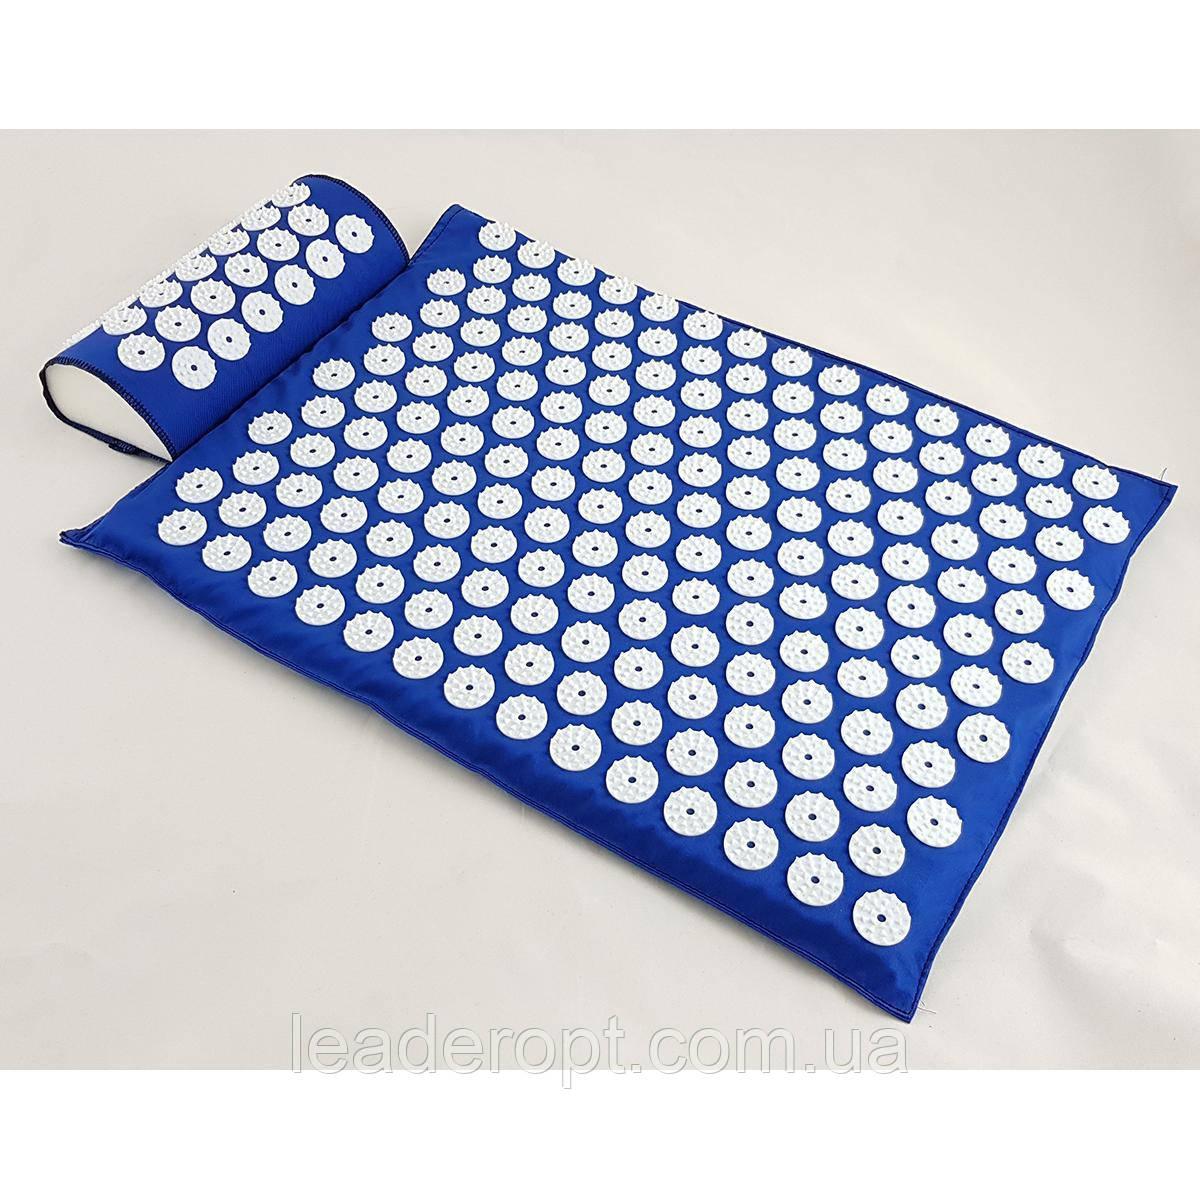 ОПТ Акупунктурний килимок для масажу спини і ніг з подушкою-валиком для голови масажер osport синій колір